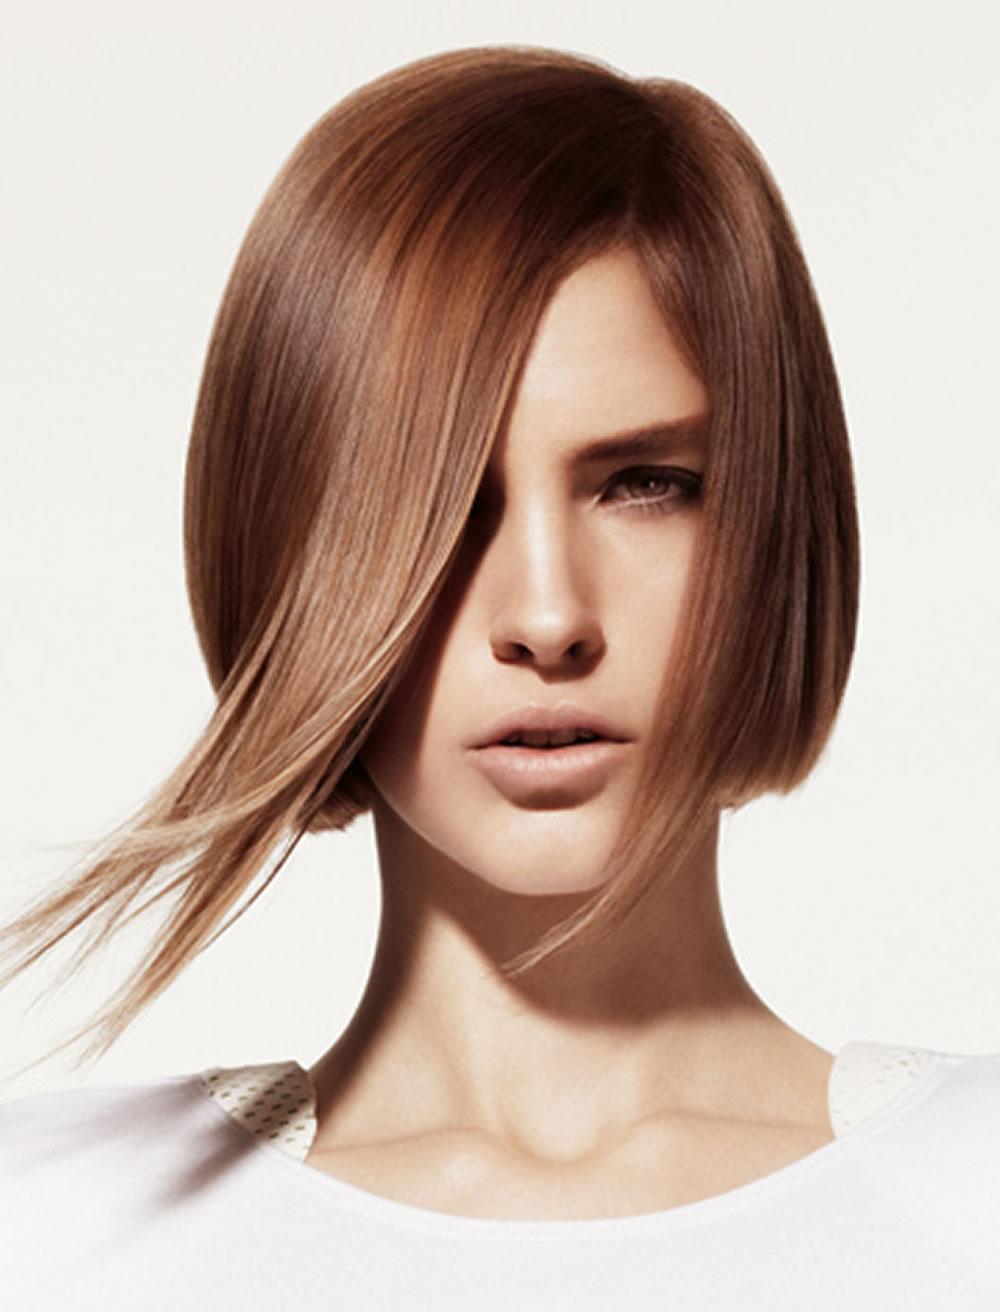 оригинальная стрижка боб на средние волосы